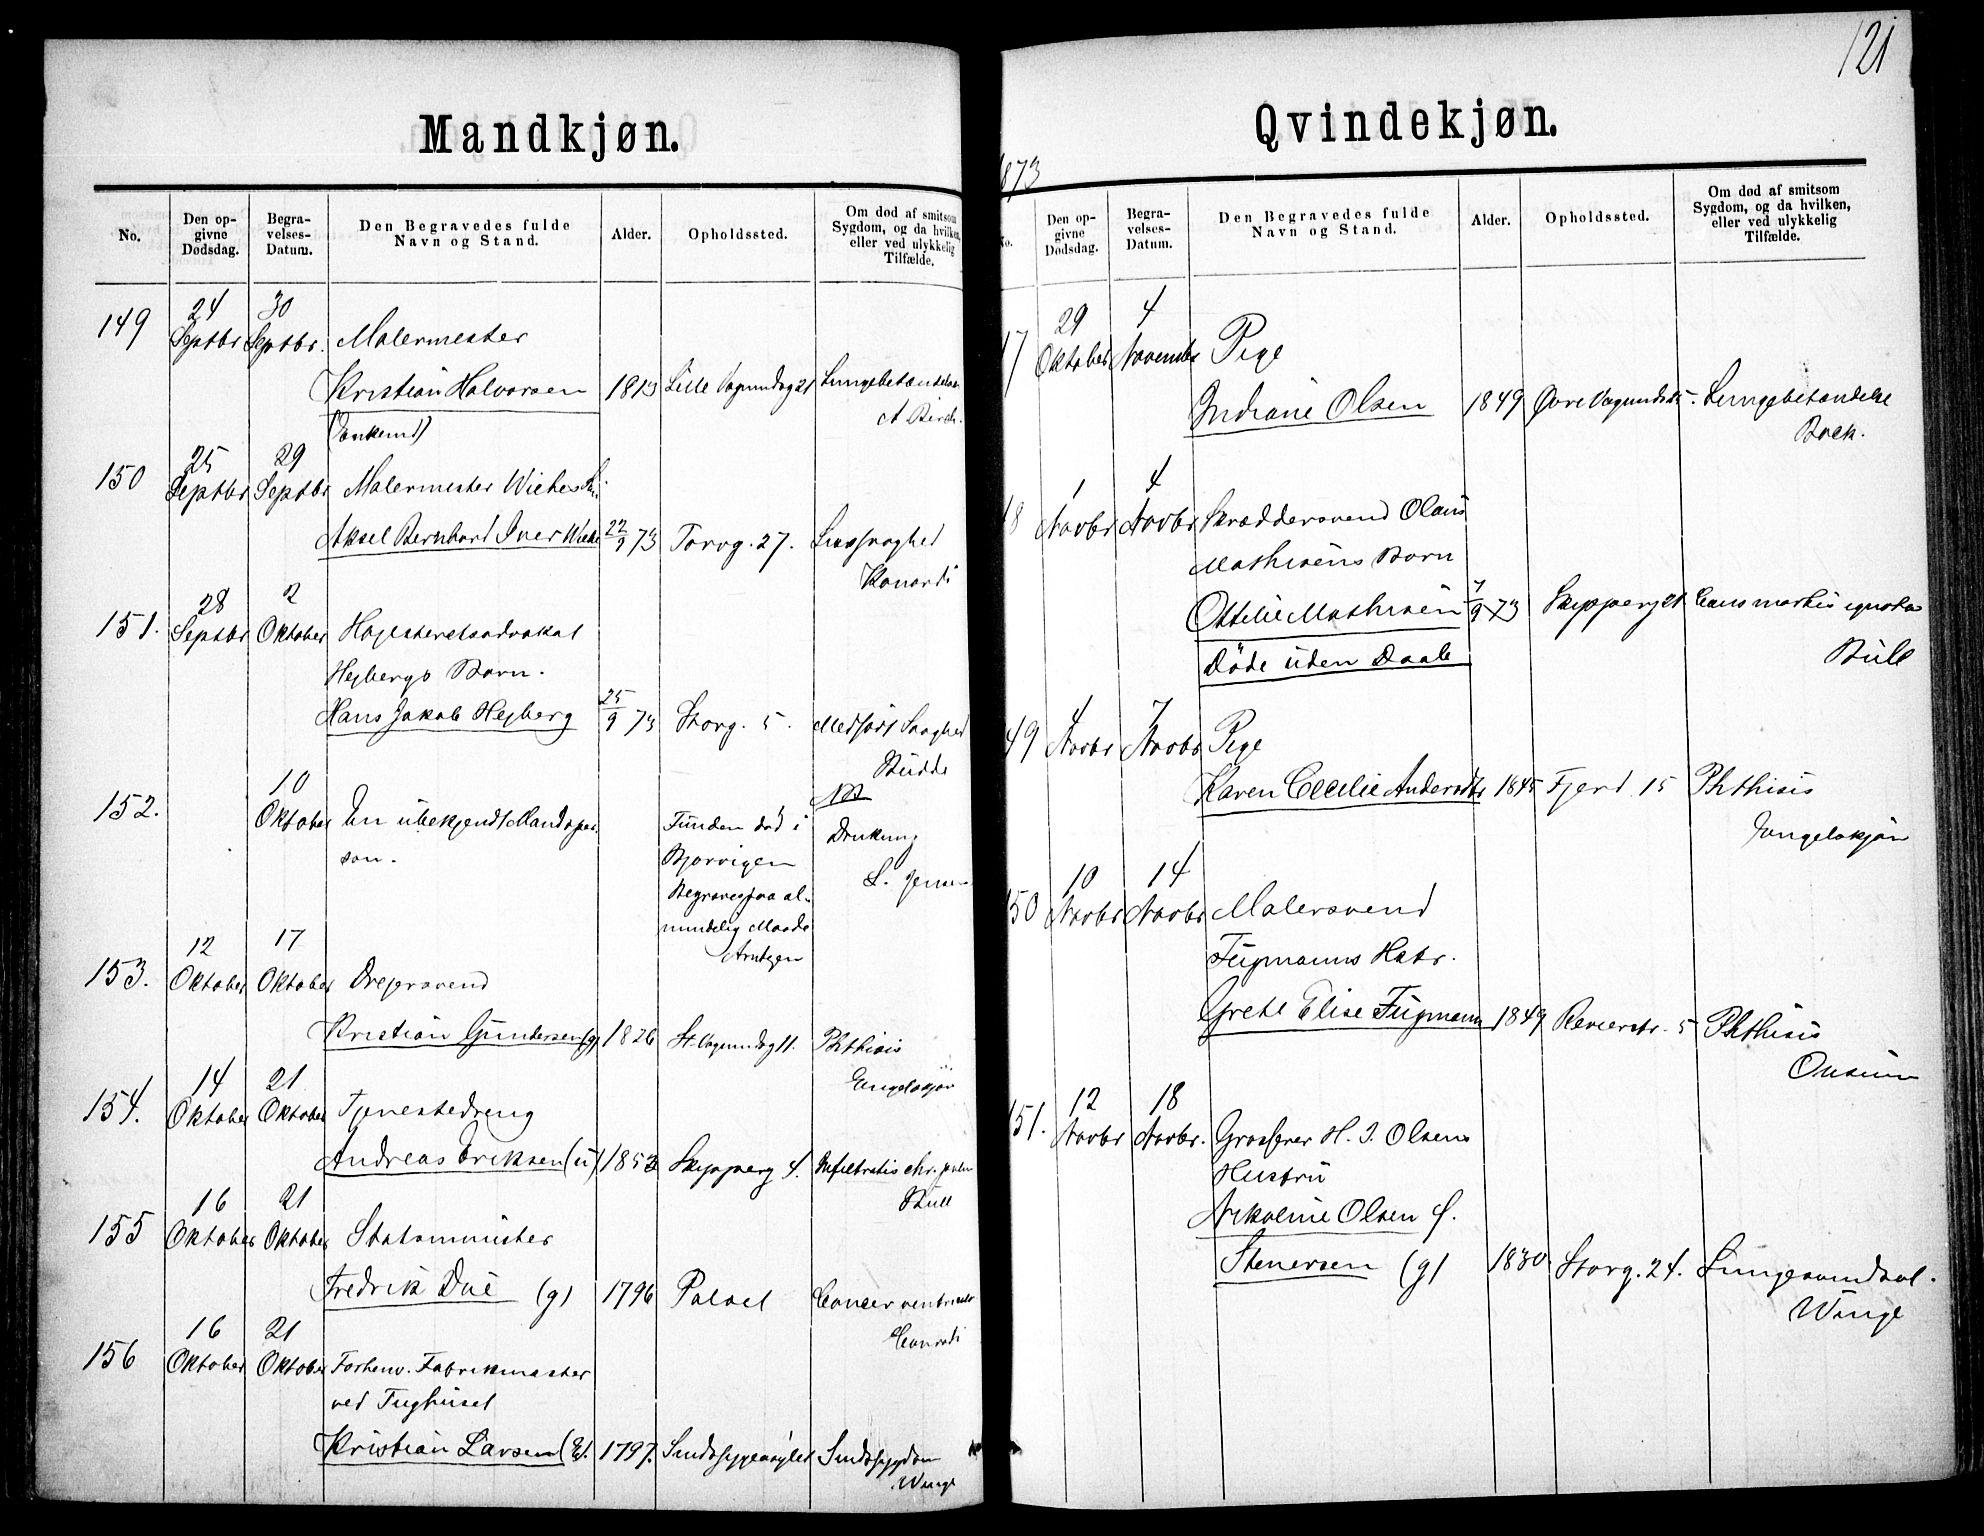 SAO, Oslo domkirke Kirkebøker, F/Fa/L0026: Ministerialbok nr. 26, 1867-1884, s. 121